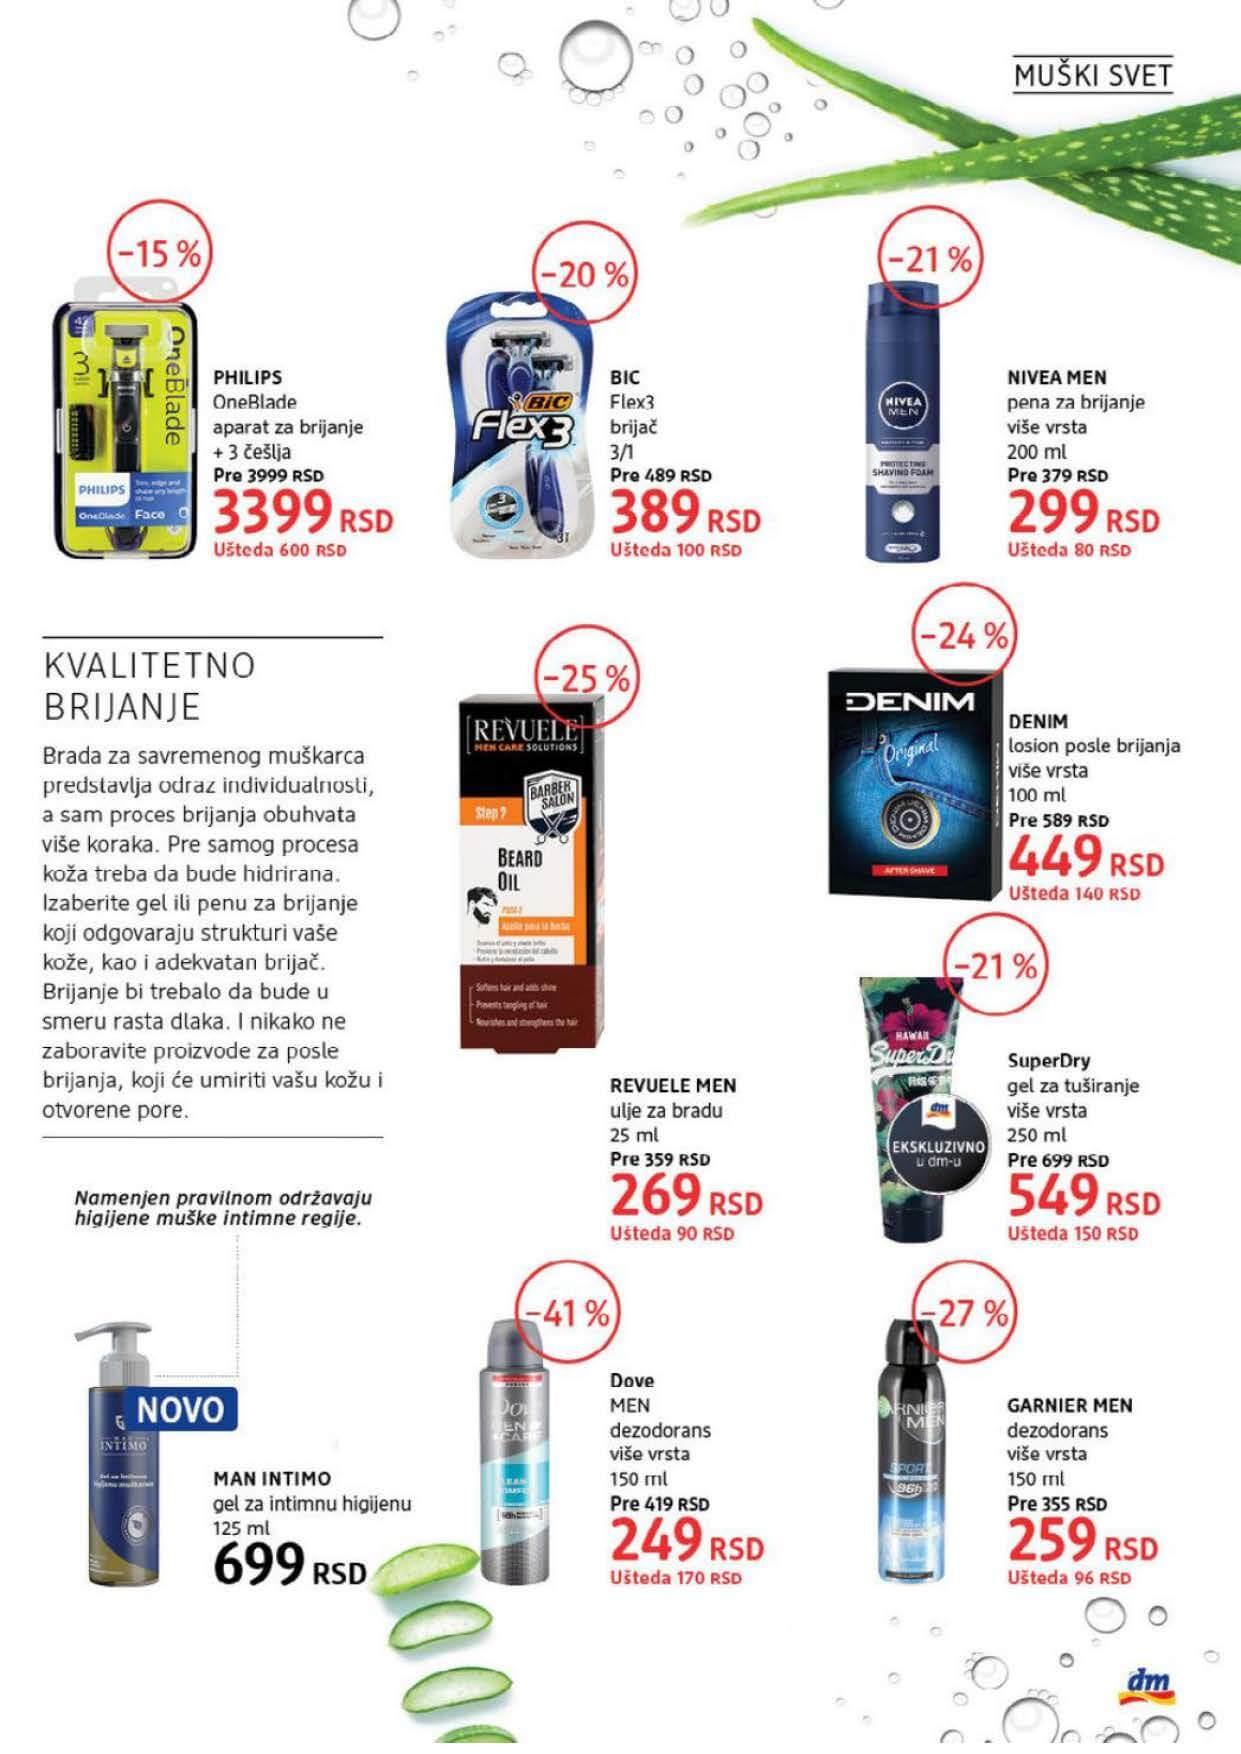 DM Katalog SRBIJA JUN 2021 01.06.2021. 30.06.2021. eKatalozi.com PR Page 21